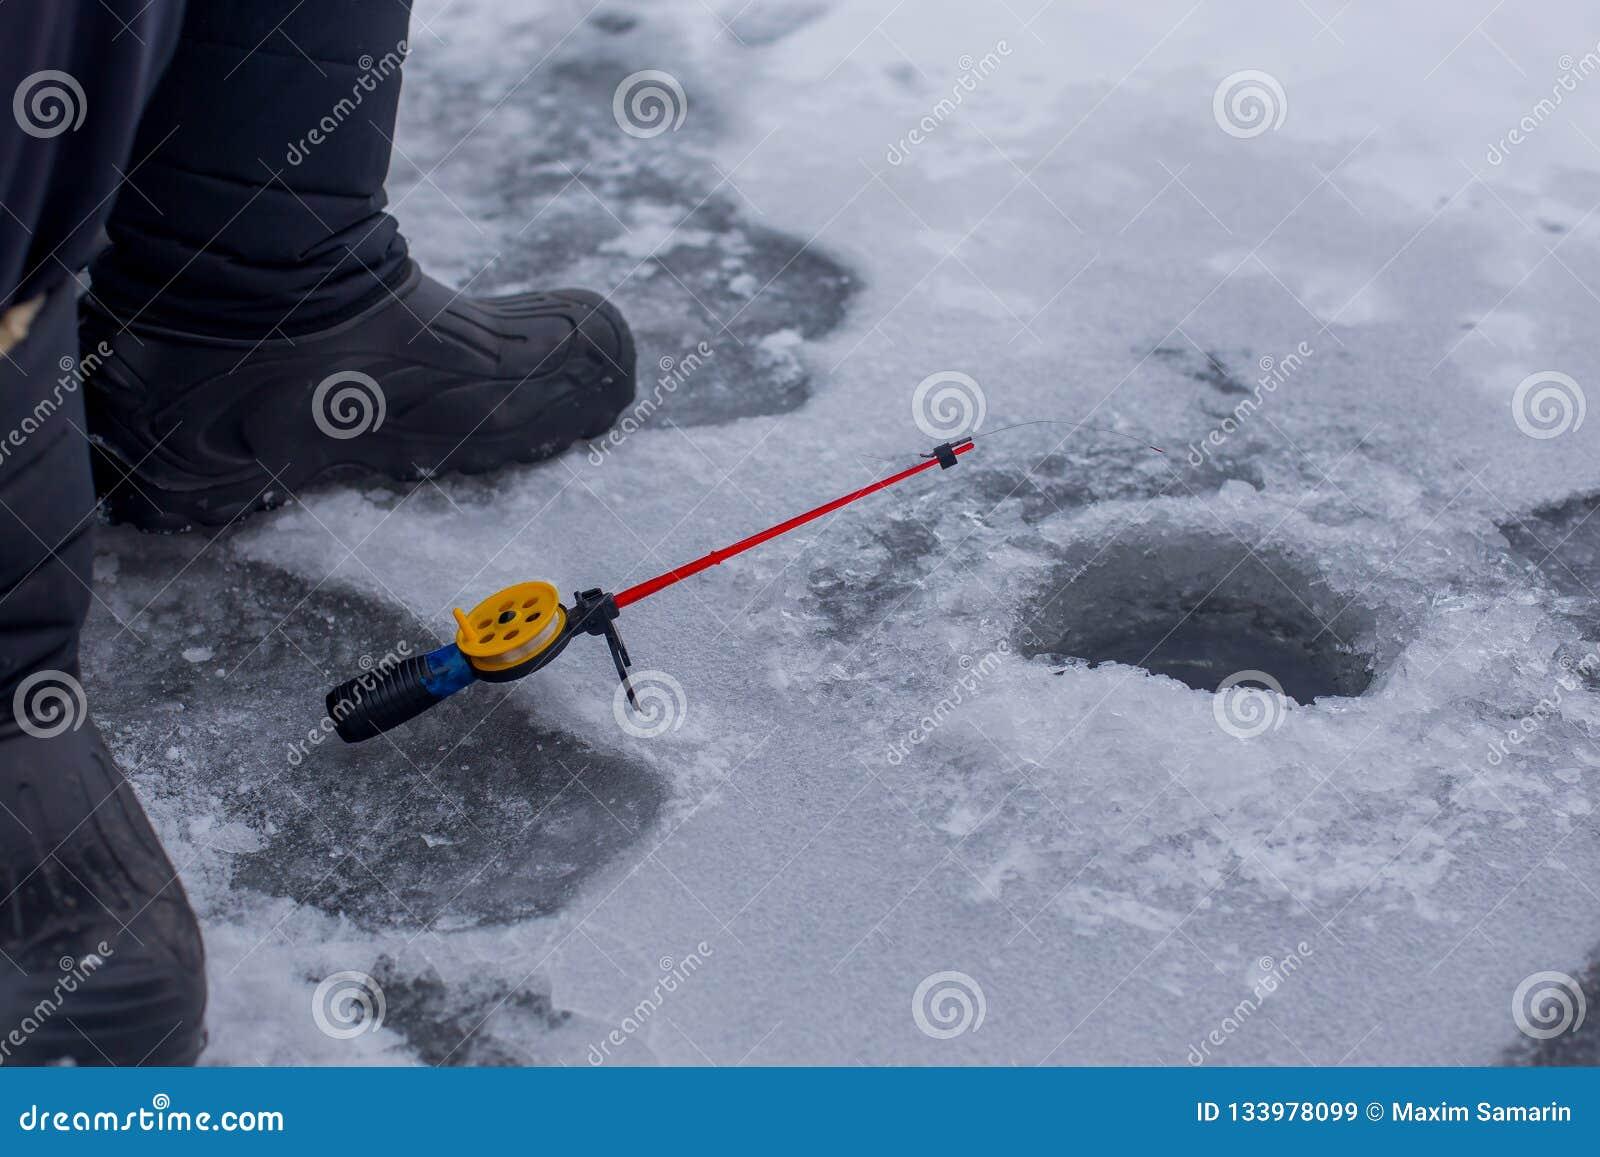 渔夫在冬天钓鱼竿的抓住鱼的特写镜头手在有孔的冻河